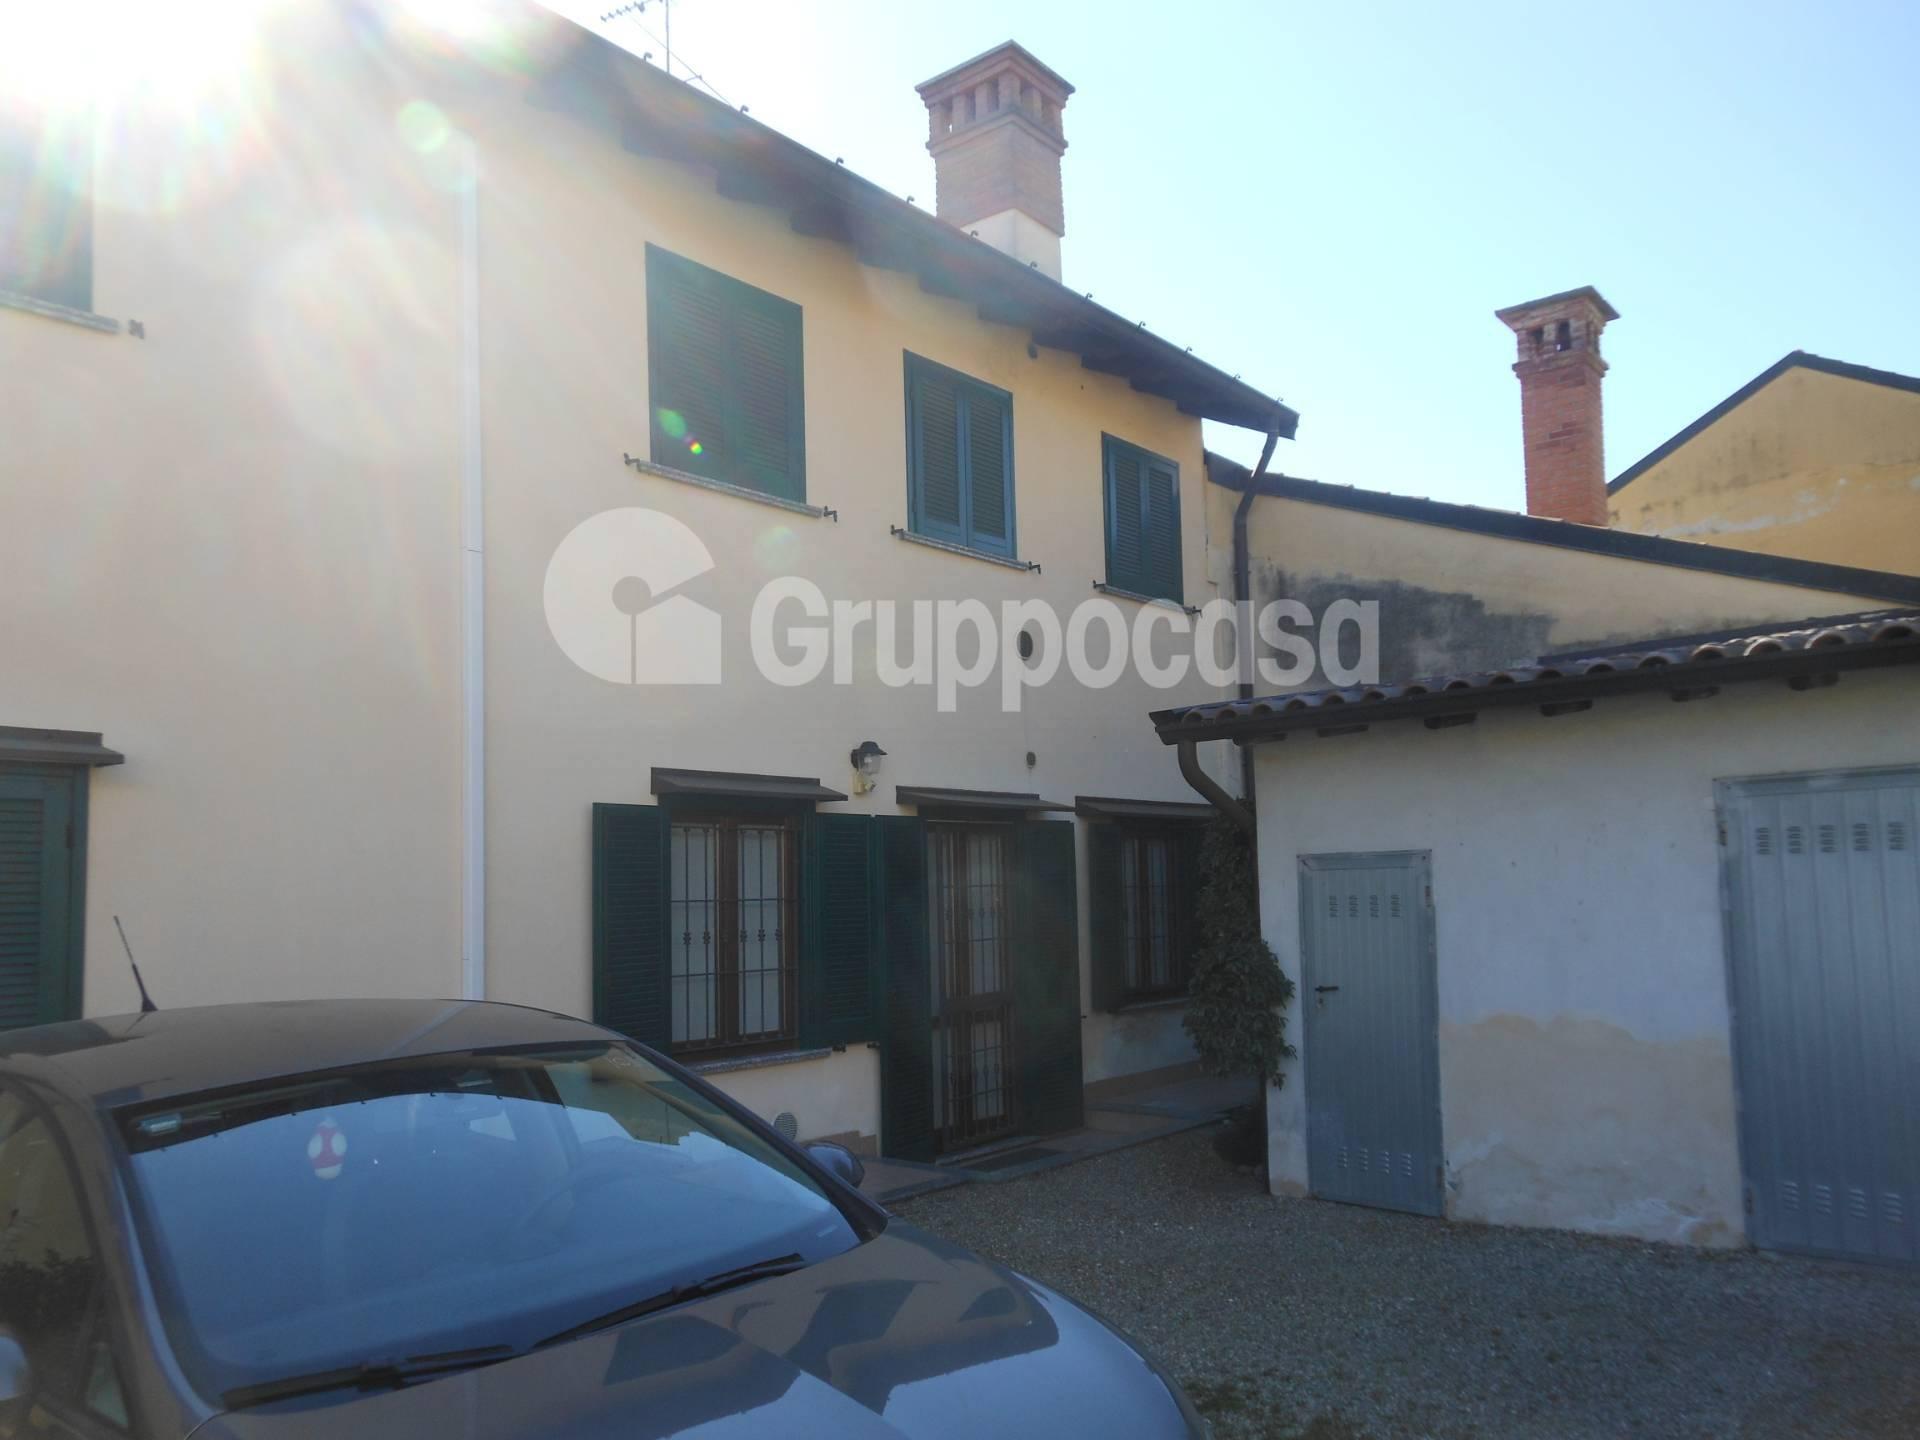 Appartamento in vendita a Marcallo con Casone, 2 locali, zona allo, prezzo € 89.000 | PortaleAgenzieImmobiliari.it